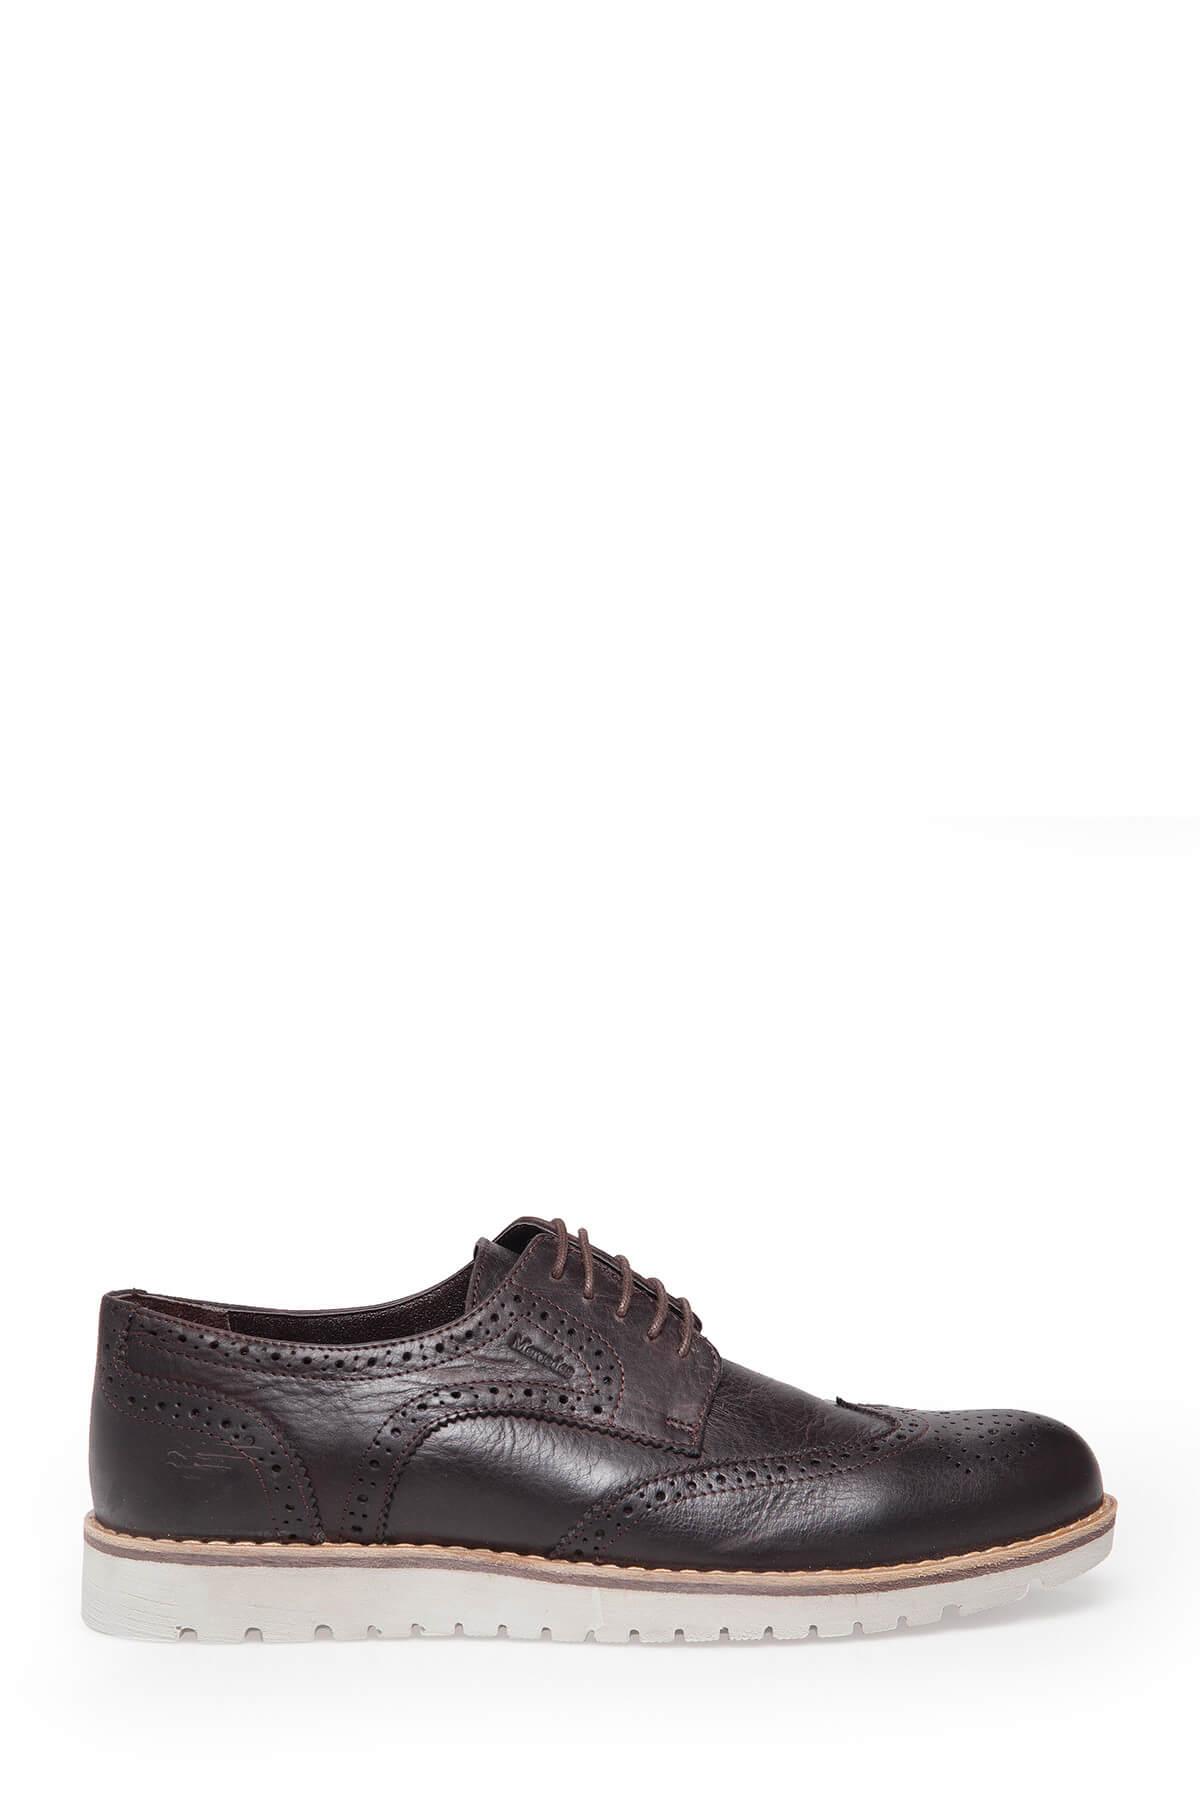 MERCEDES Hakiki Deri Erkek KAHVE Klasik Ayakkabı - ASHTON 1